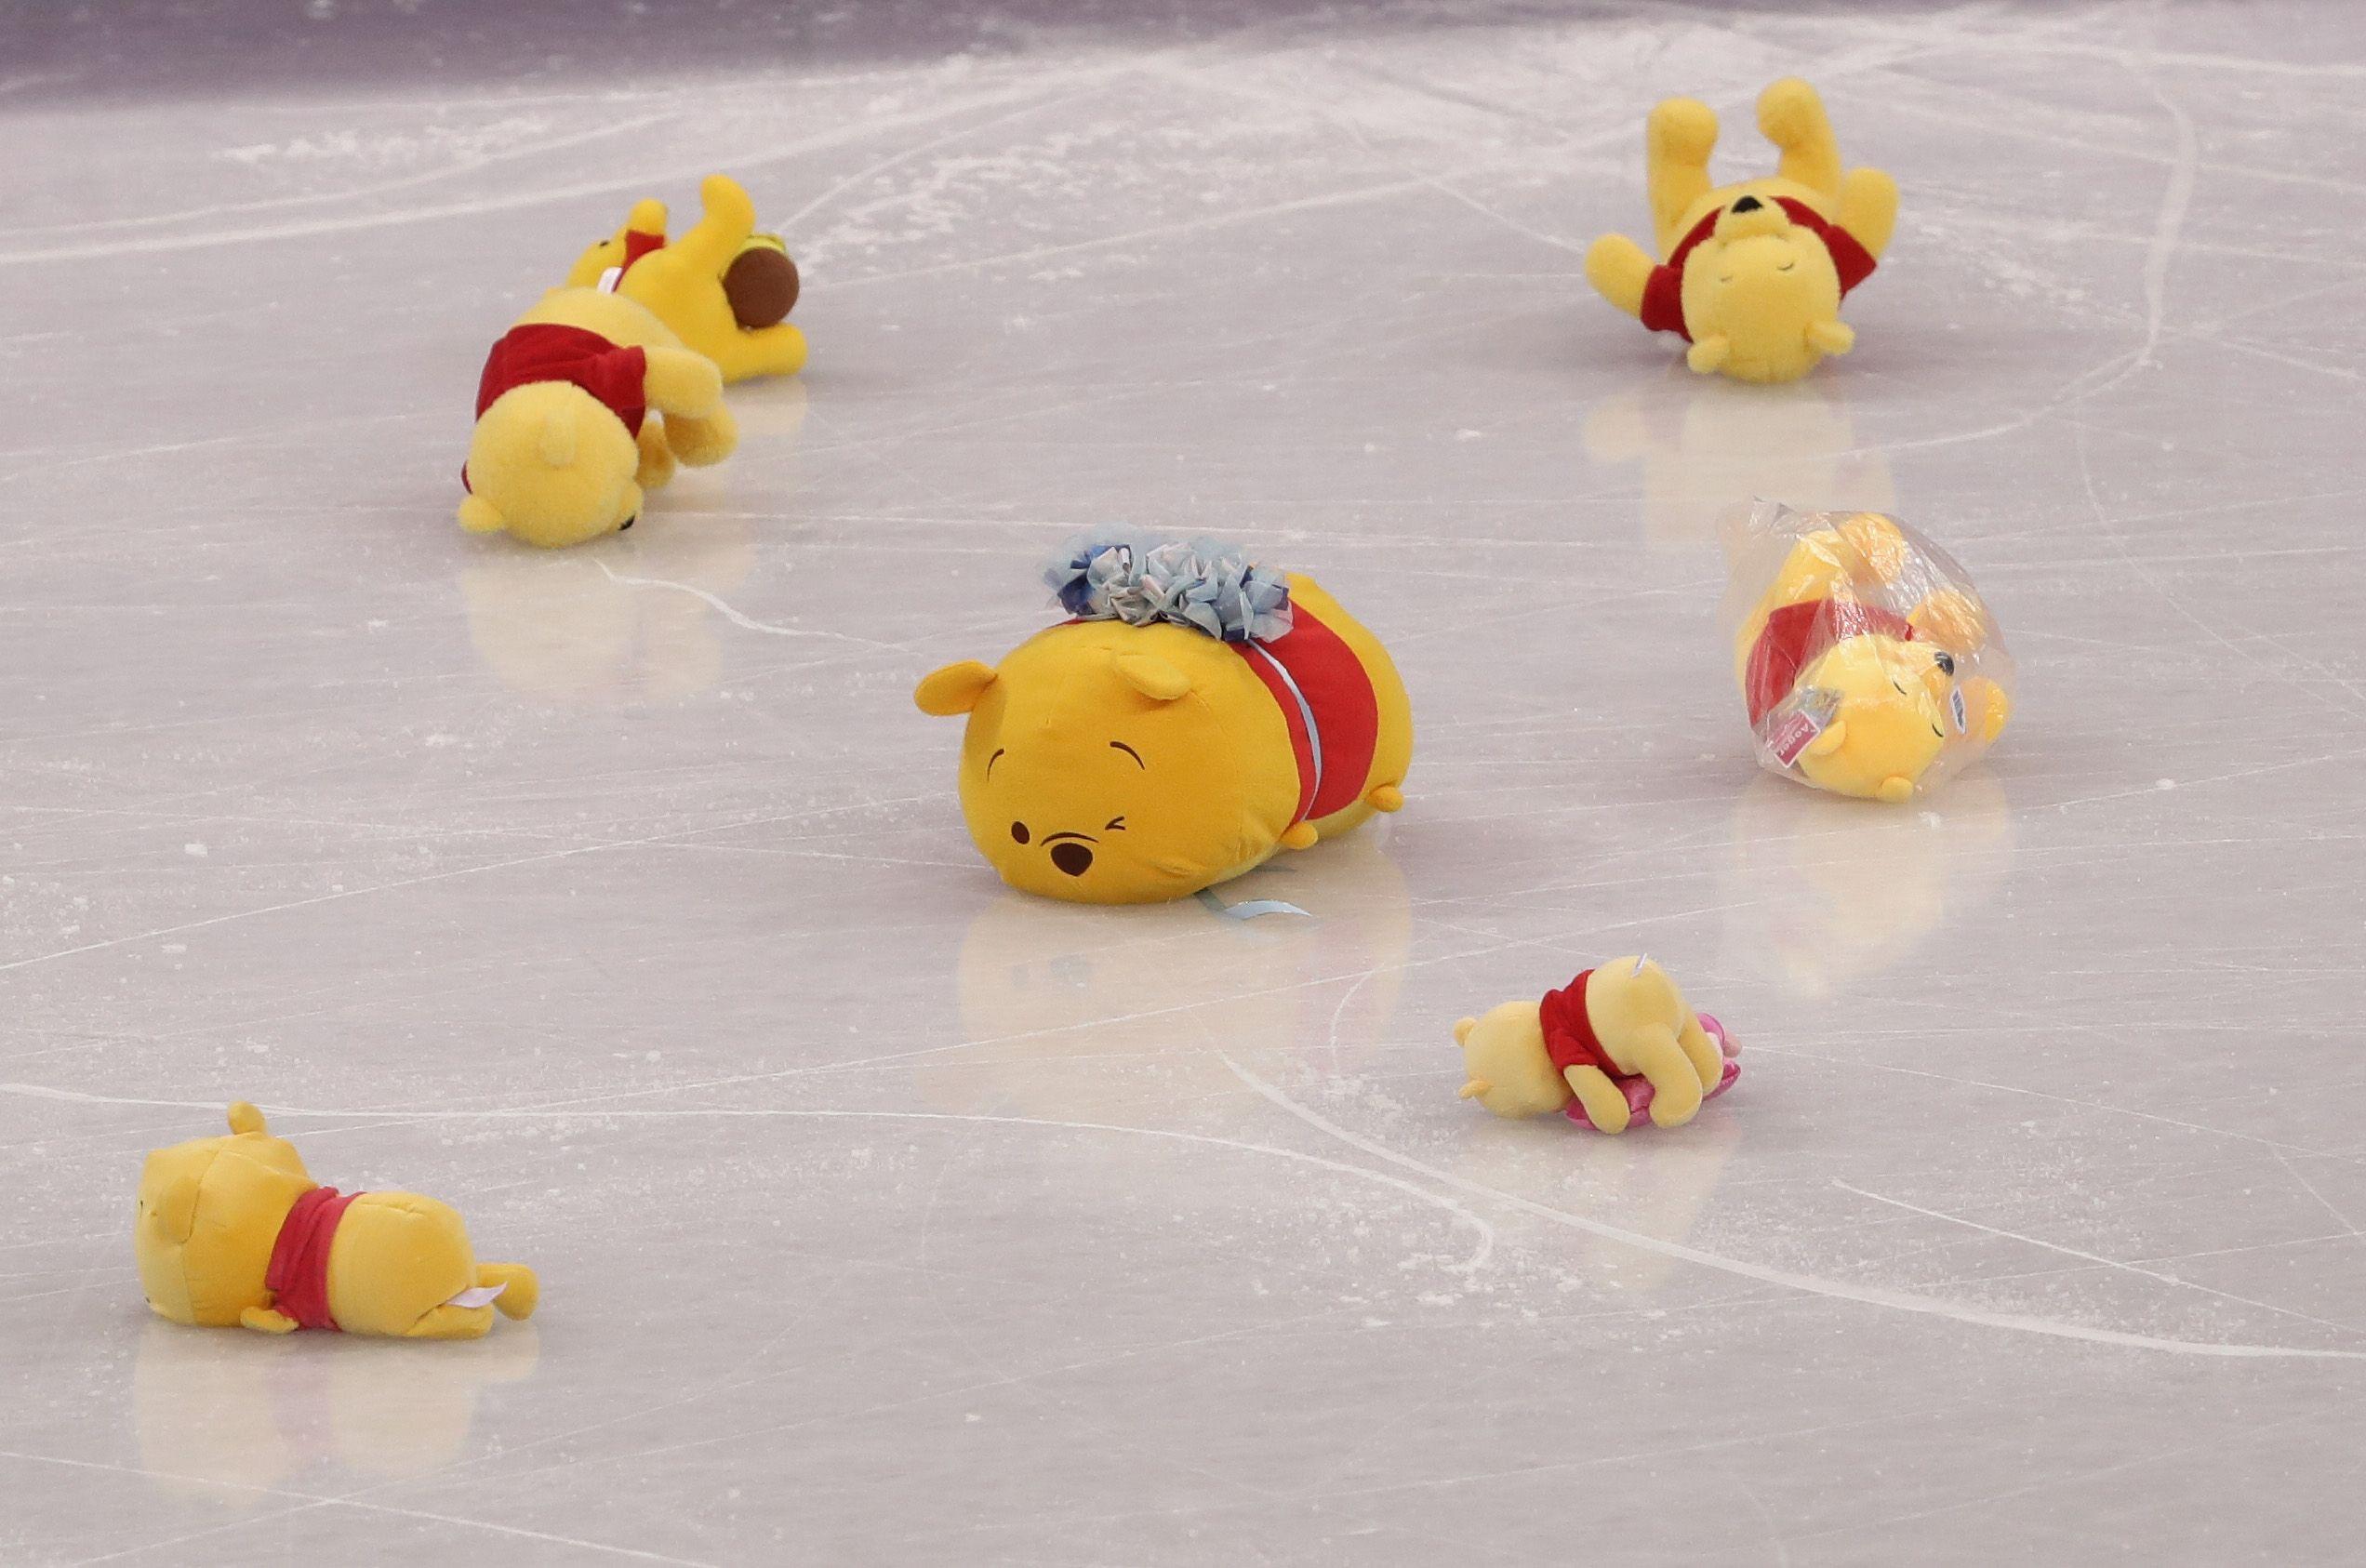 Winnie the Pooh on ice